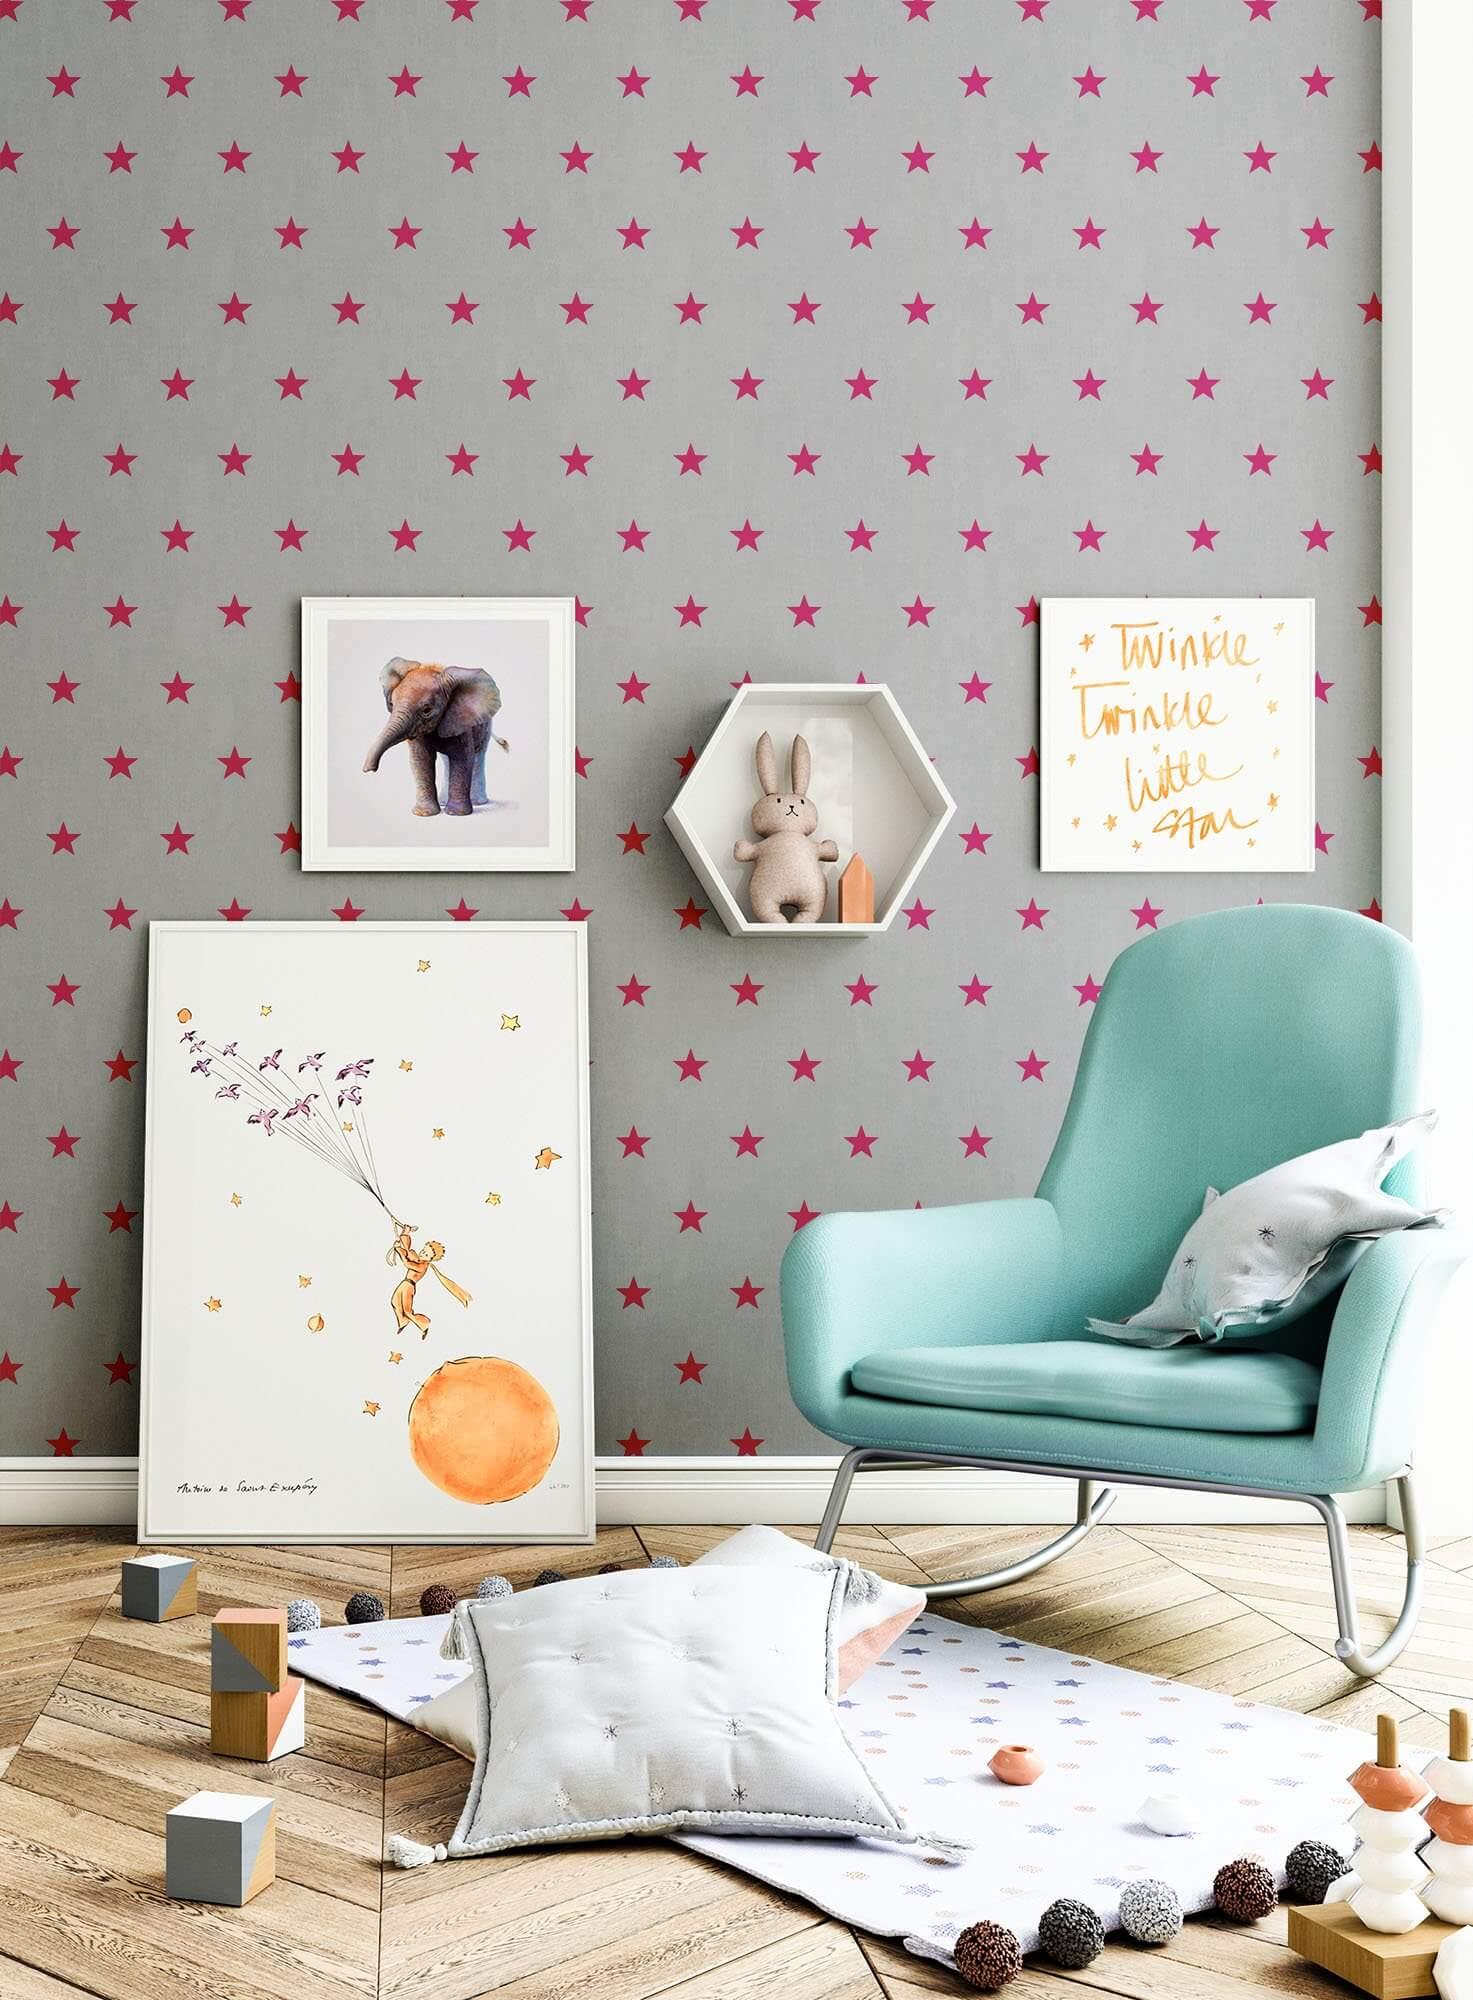 papiertapete grau kinder sterne wohnen kinder schlafen newroom. Black Bedroom Furniture Sets. Home Design Ideas